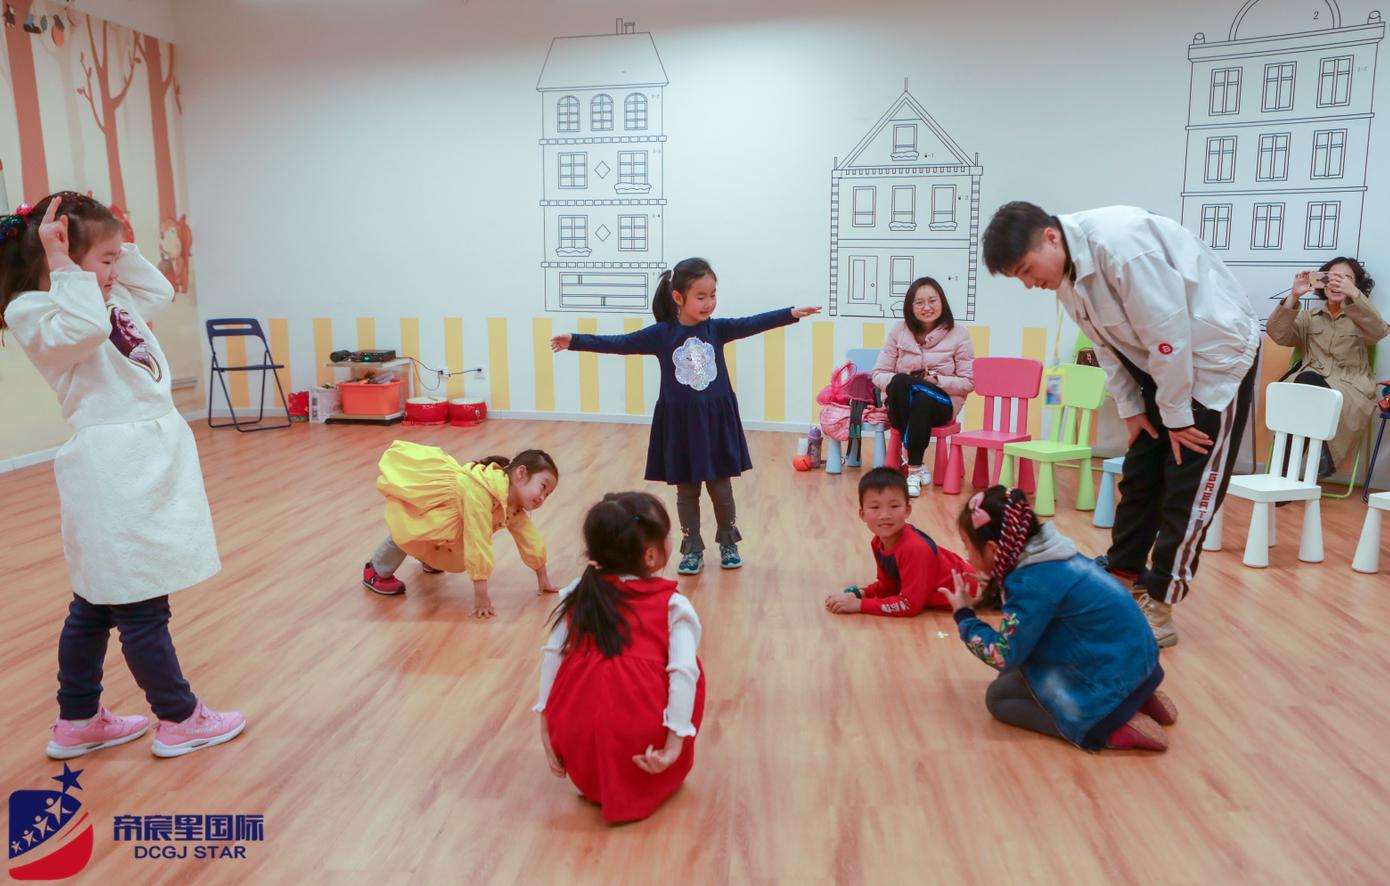 从兴趣出发解读投资少儿培训前景,帝宸星国际教育亲子戏剧营进行时